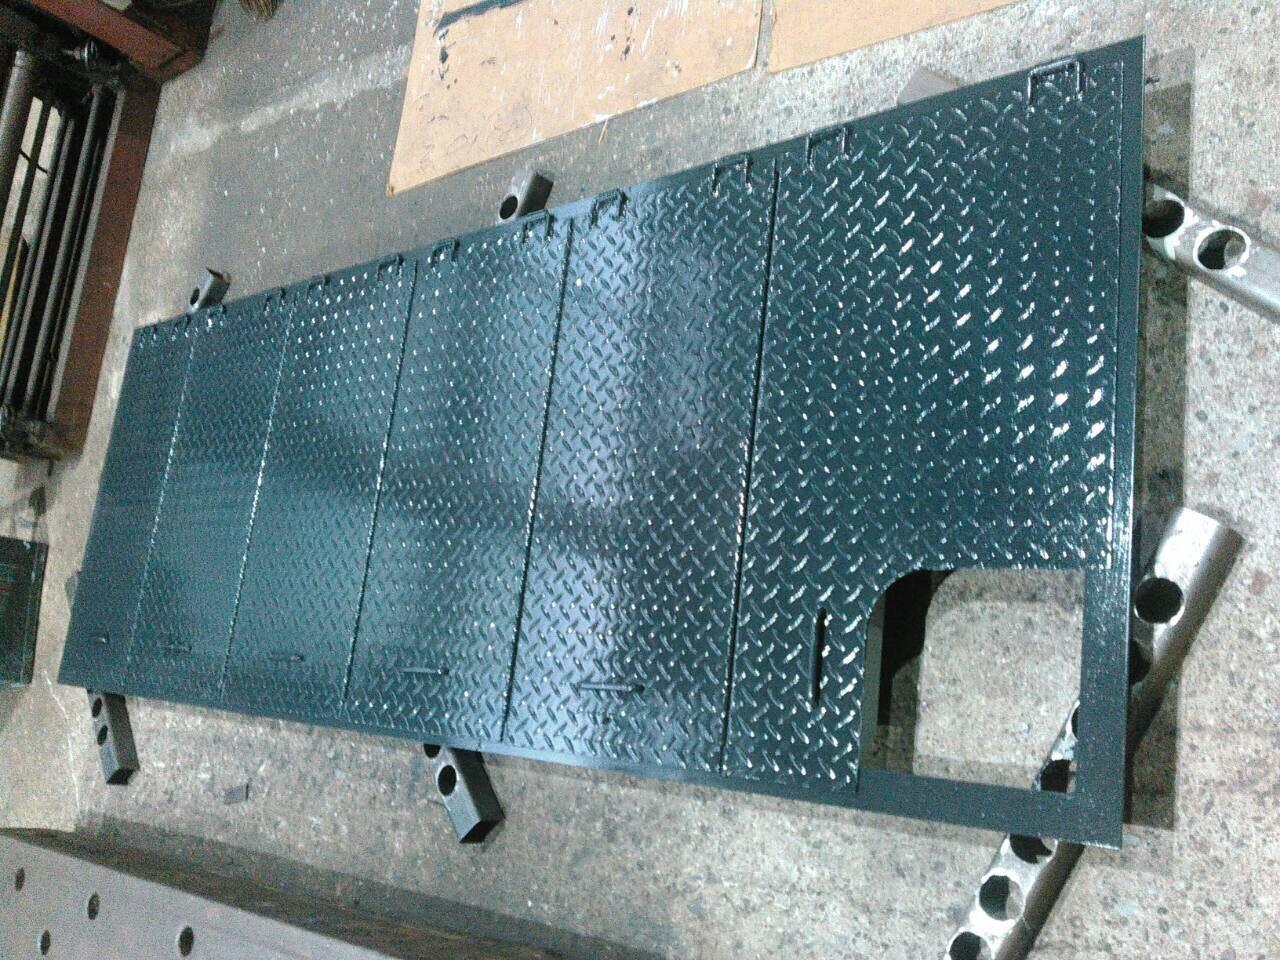 温水器の蓋製作_f0228240_13163317.jpg